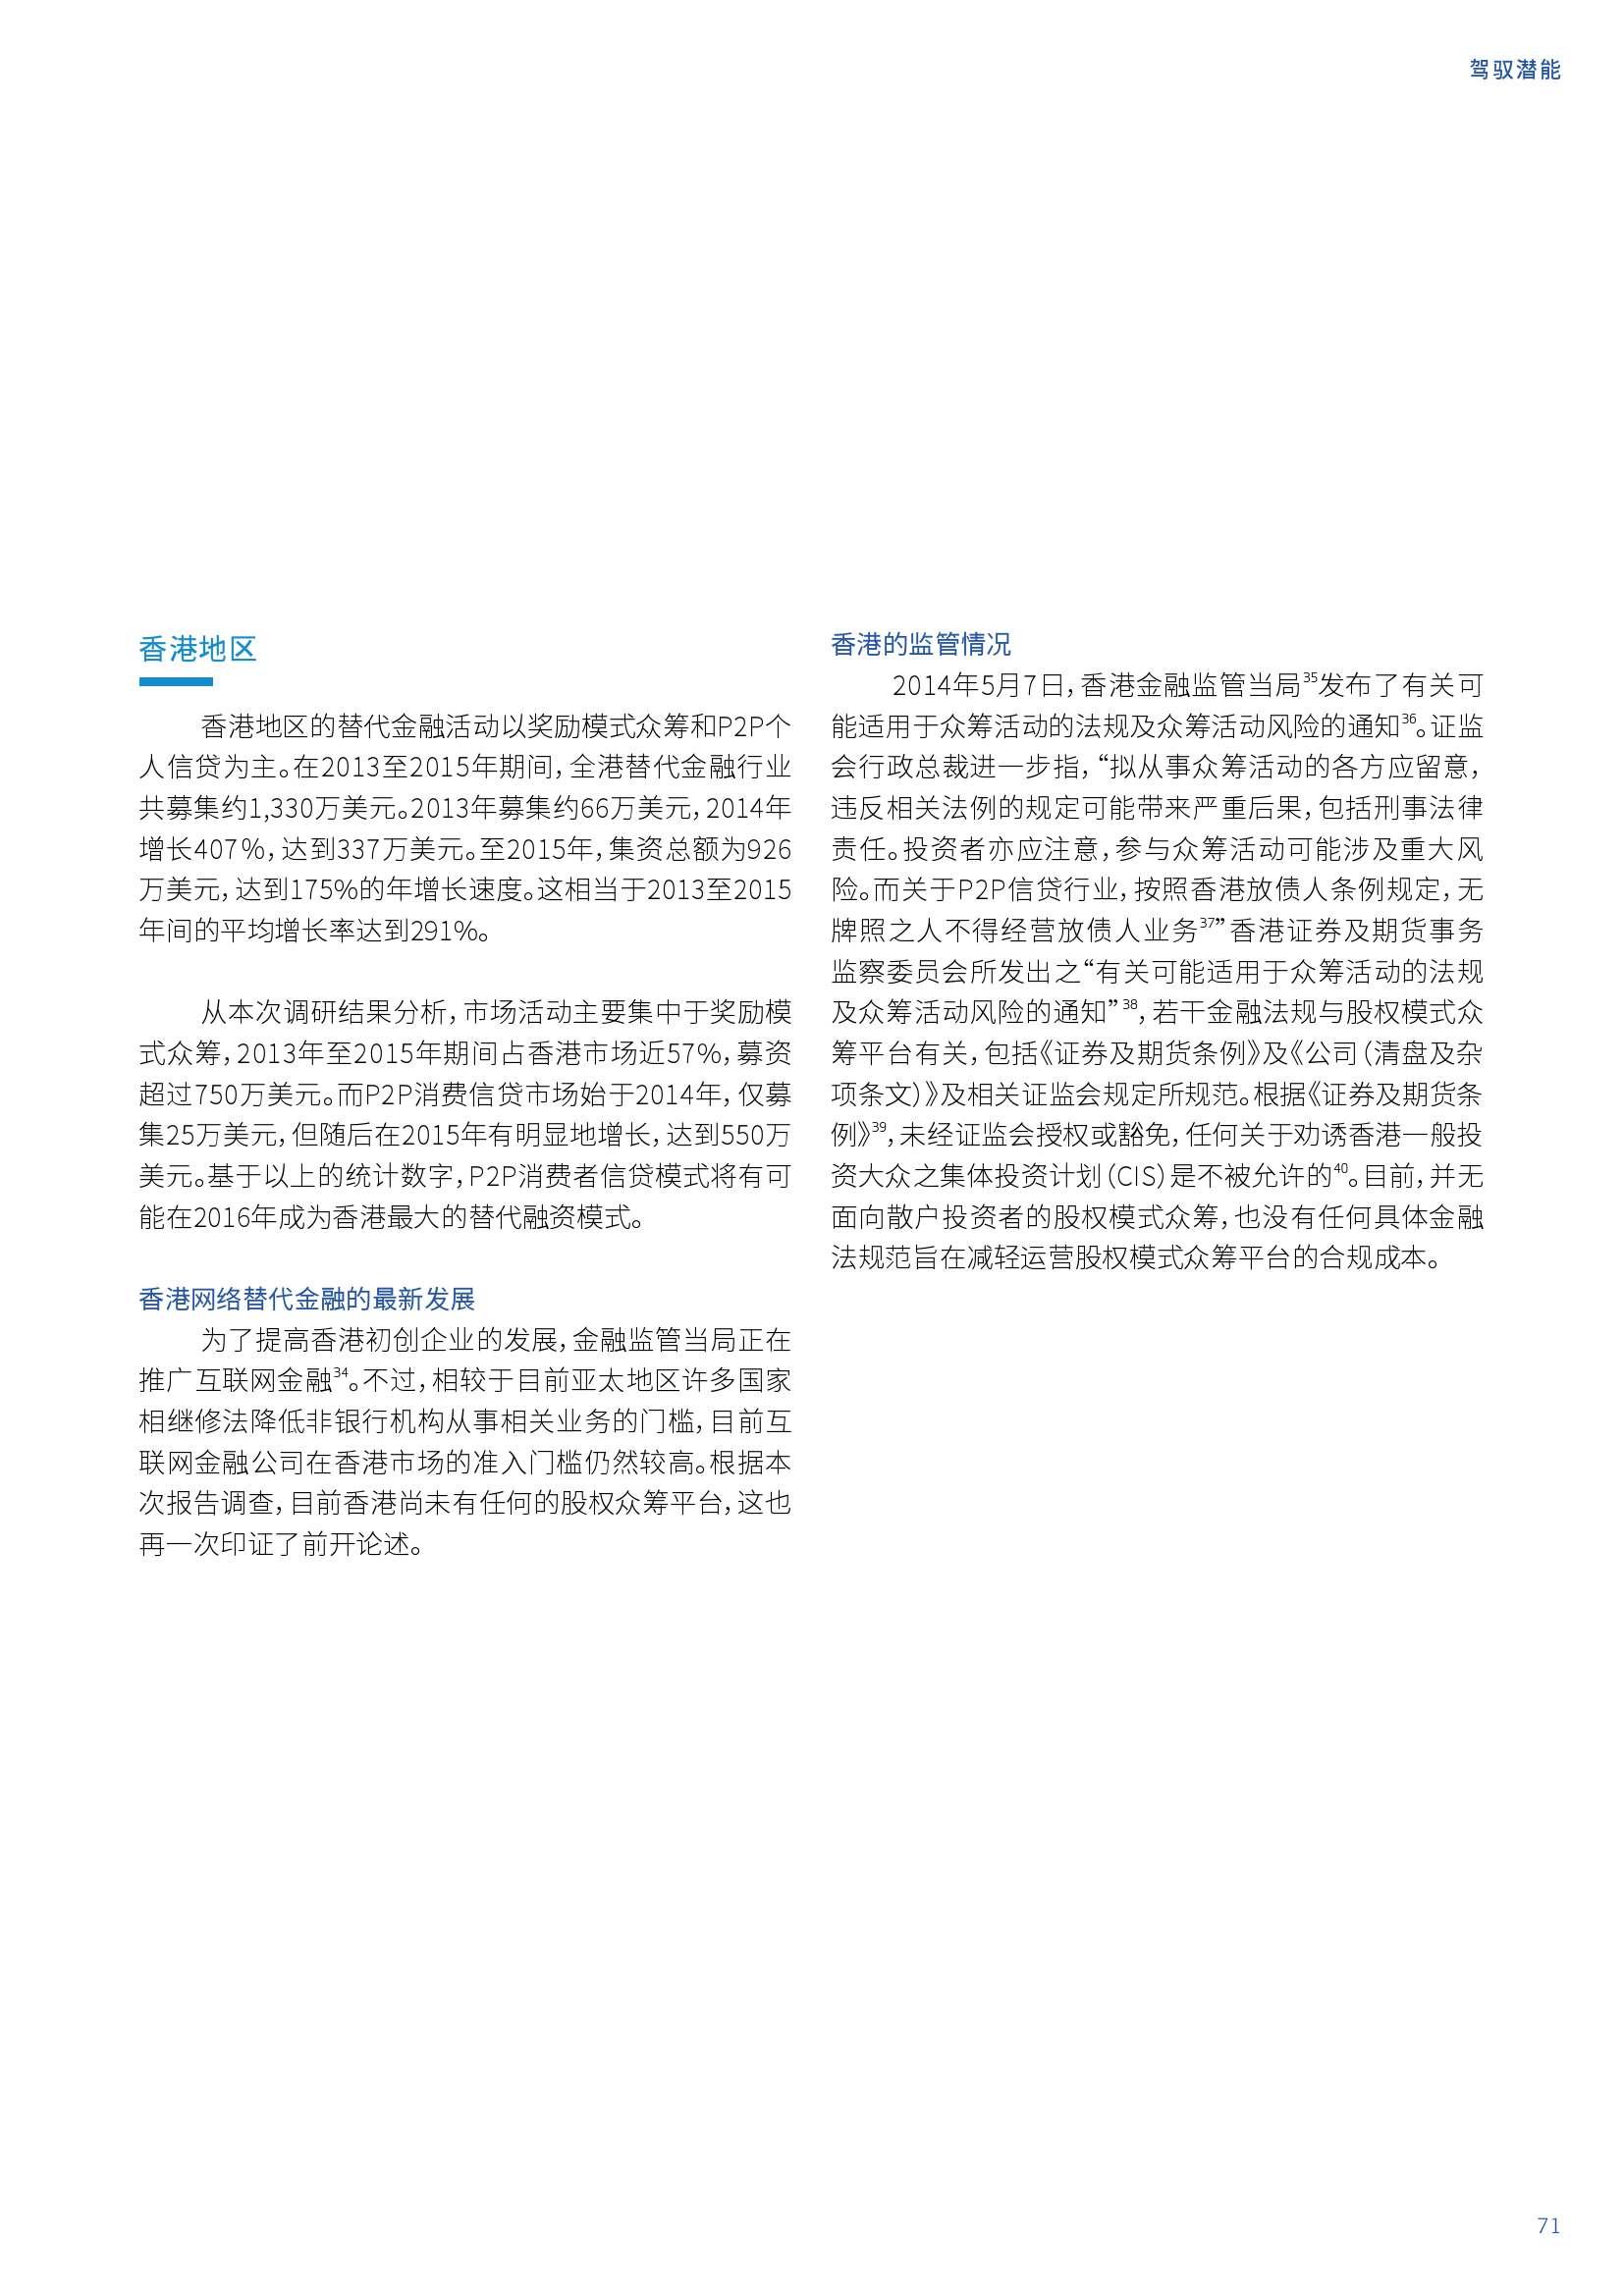 亚太地区网络替代金融基准报告_000071